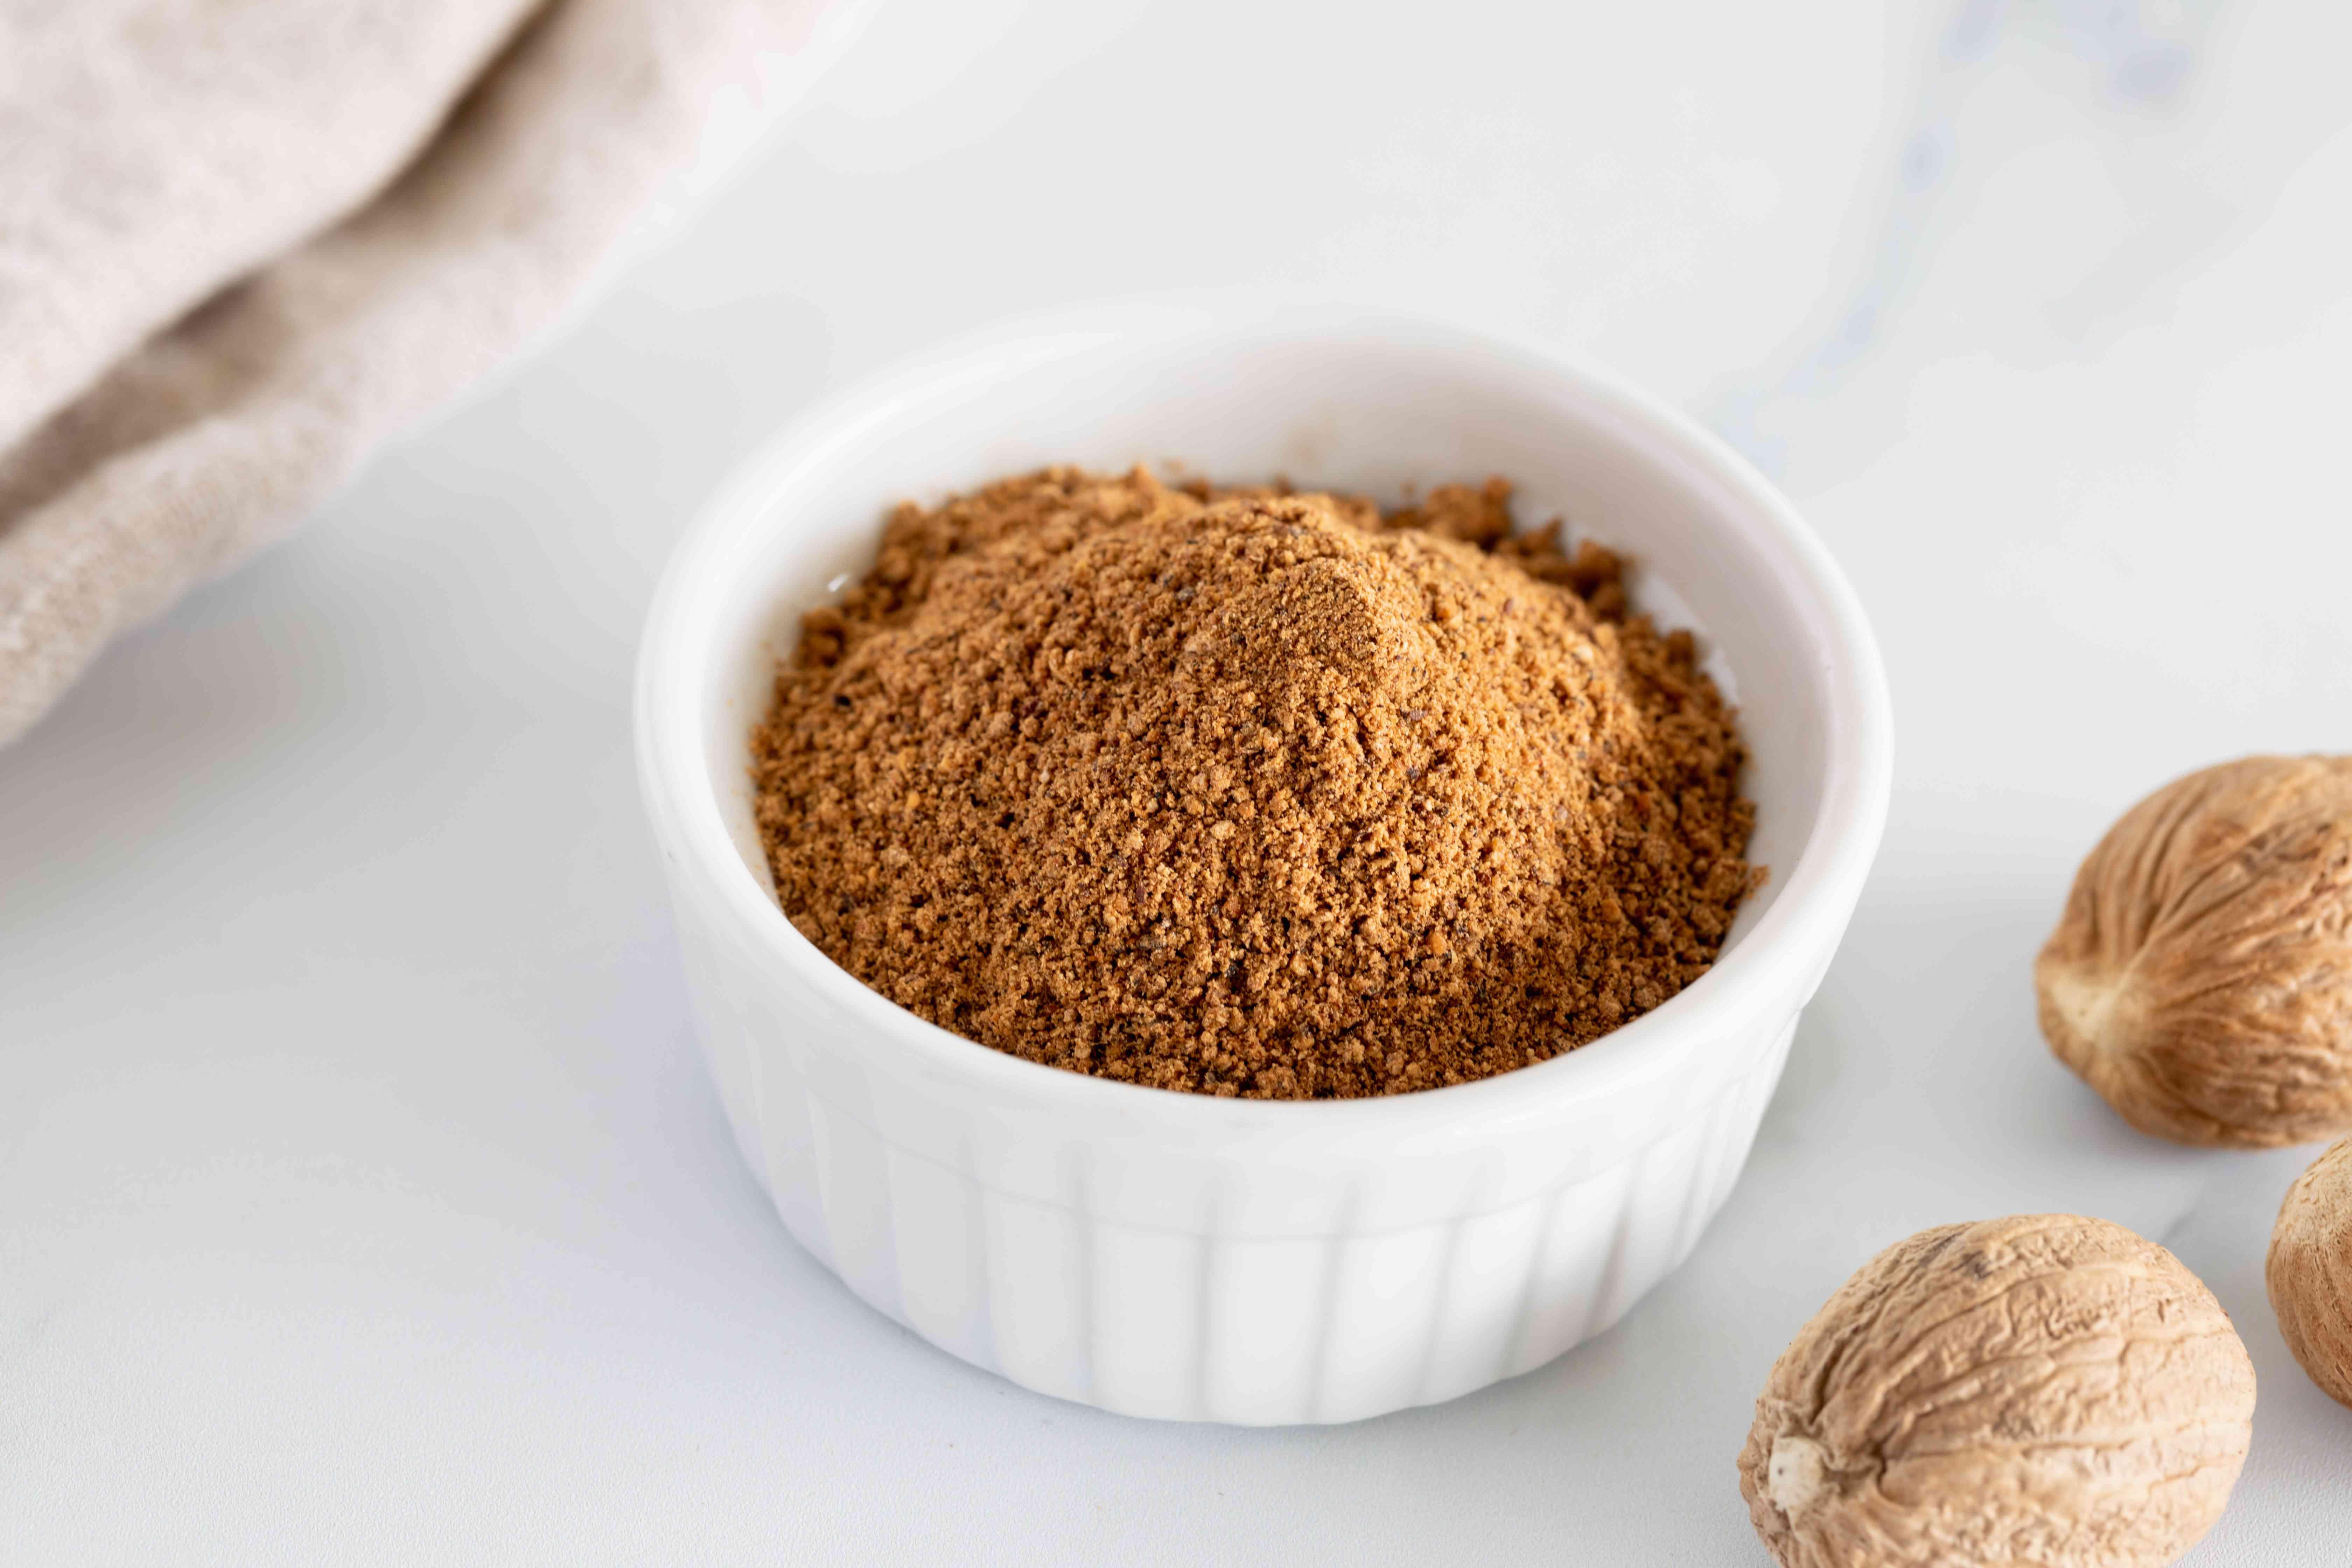 Whole vs ground nutmeg